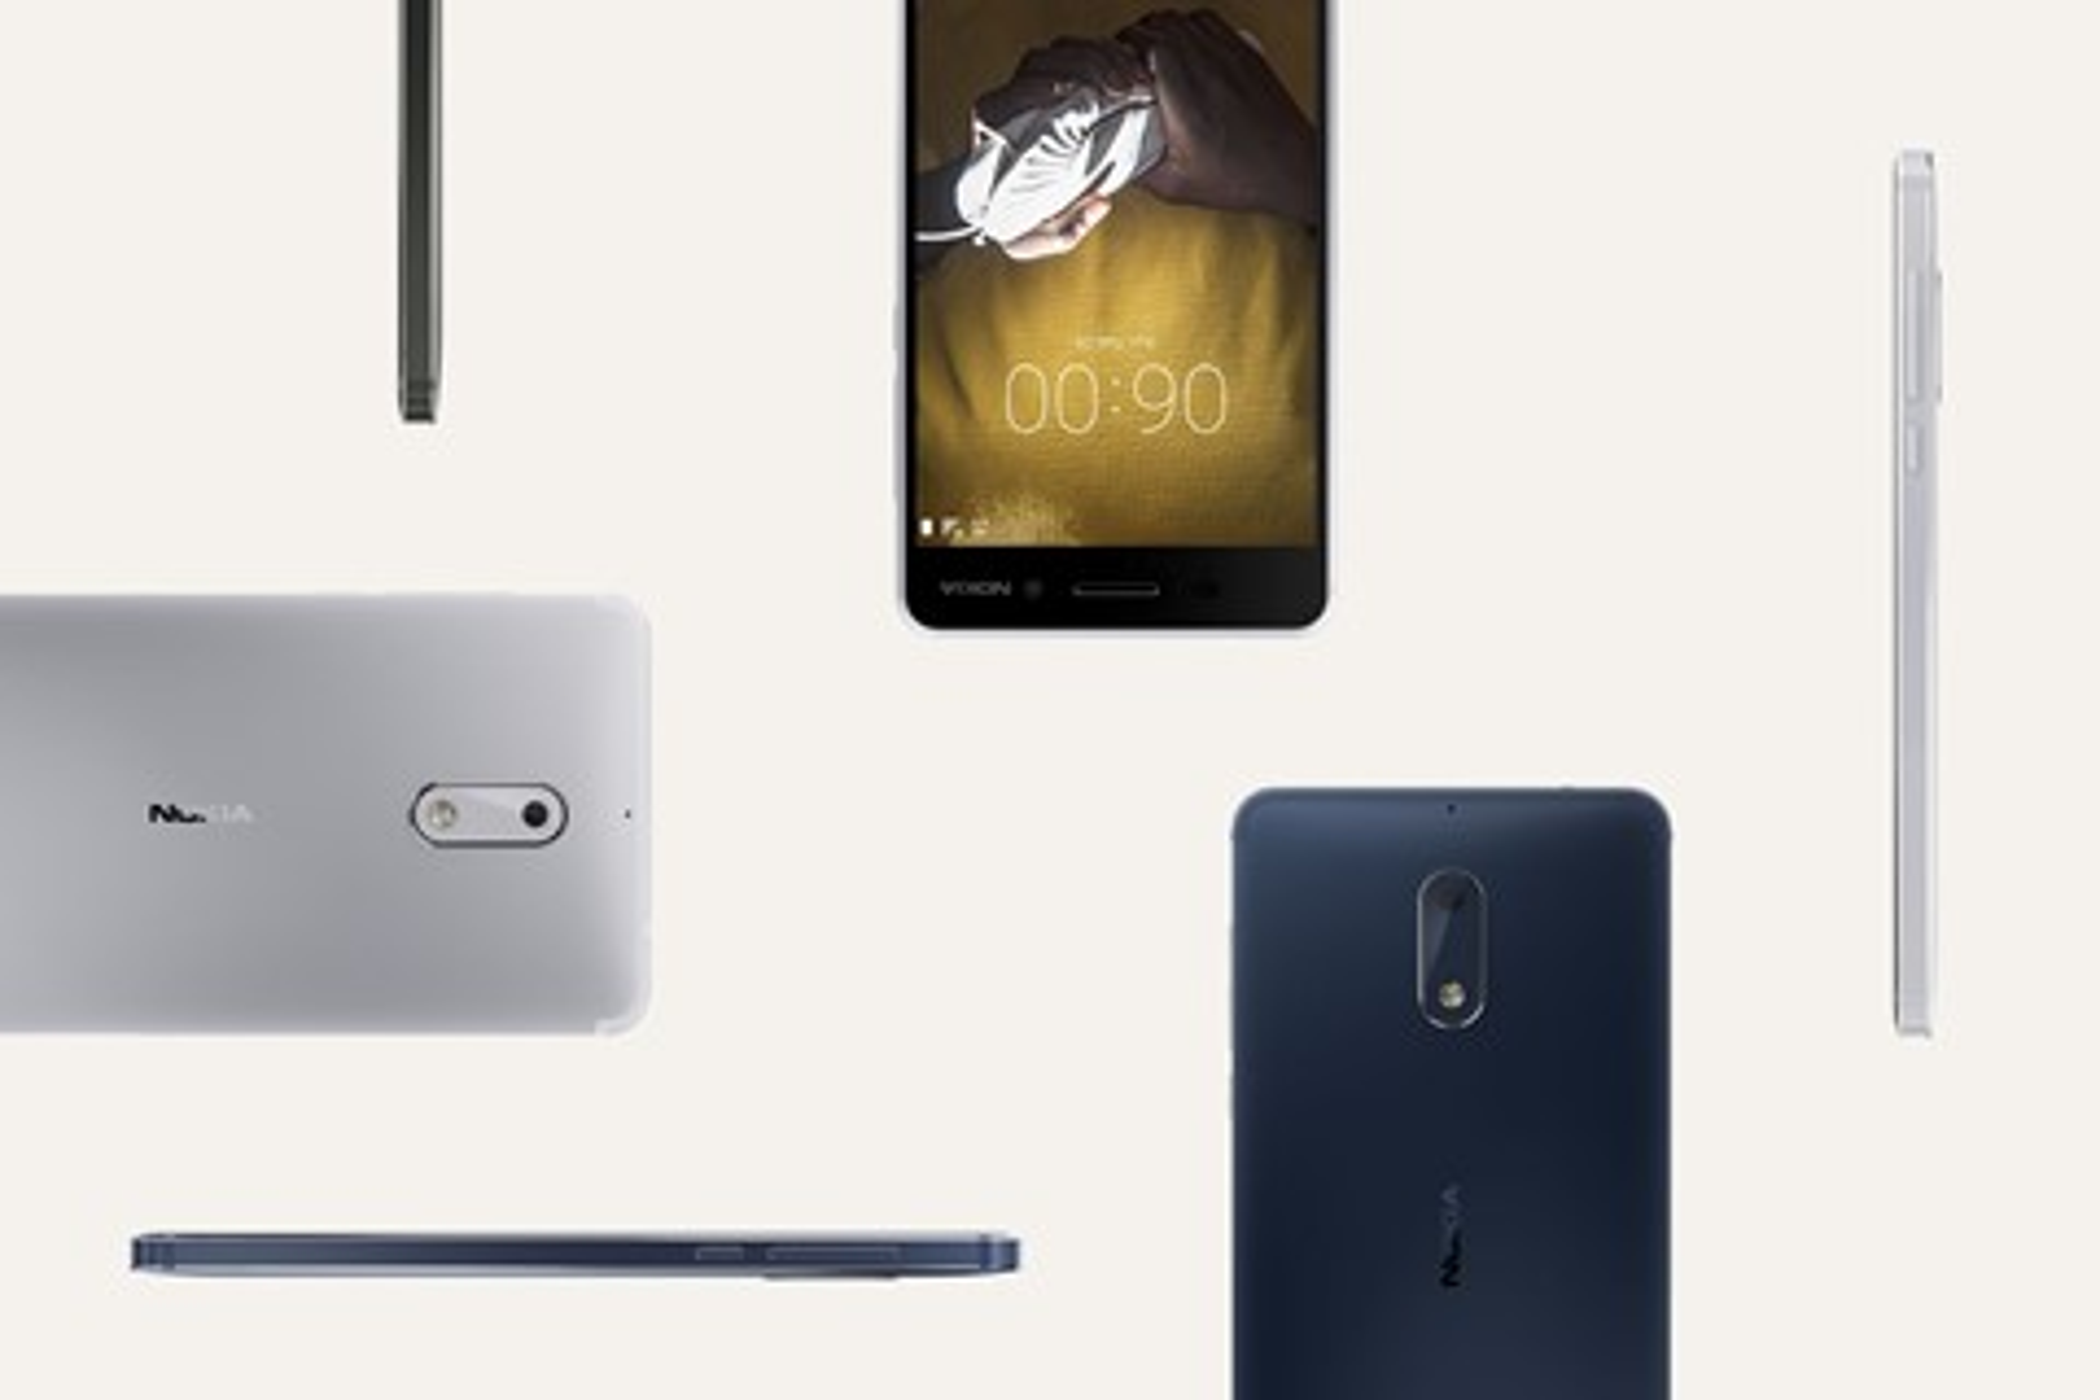 Imagem de Rumor de Nokia 9 com sensor de digitais na tela ganha força no tecmundo